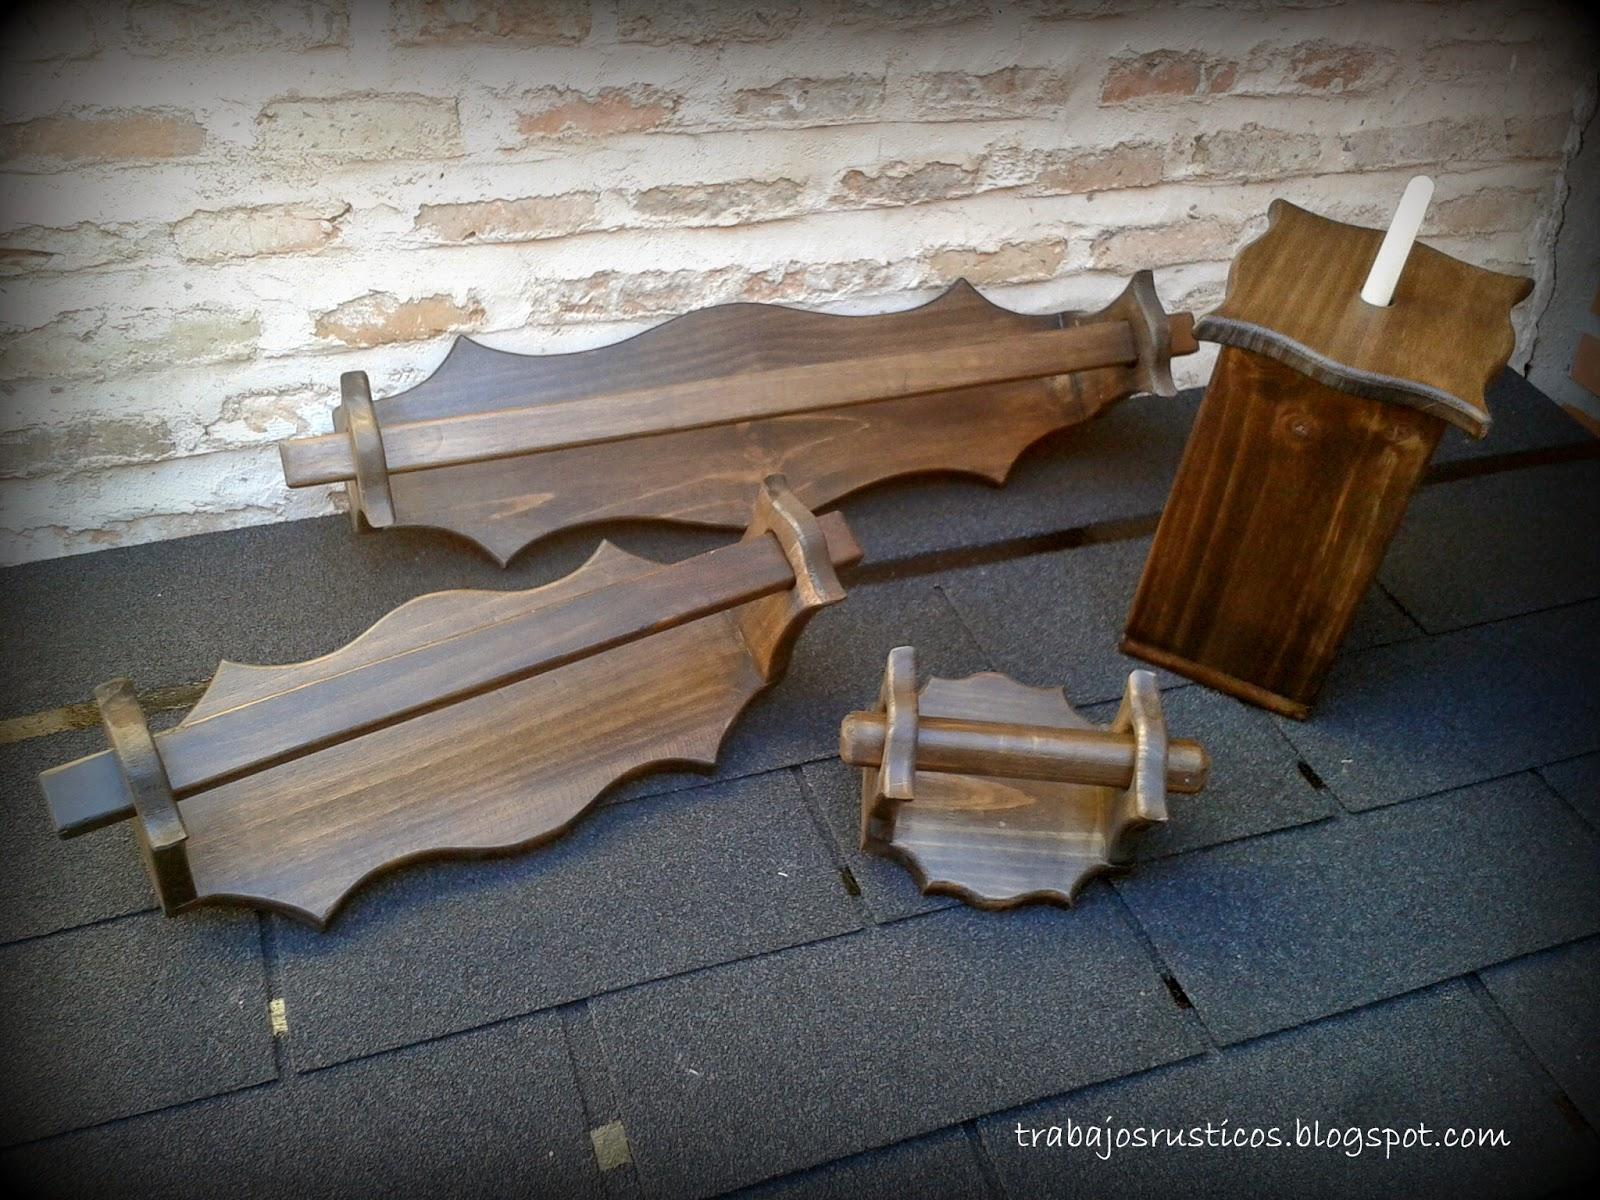 Trabajos r sticos conjunto de accesorios para el ba o for Conjunto de accesorios de bano